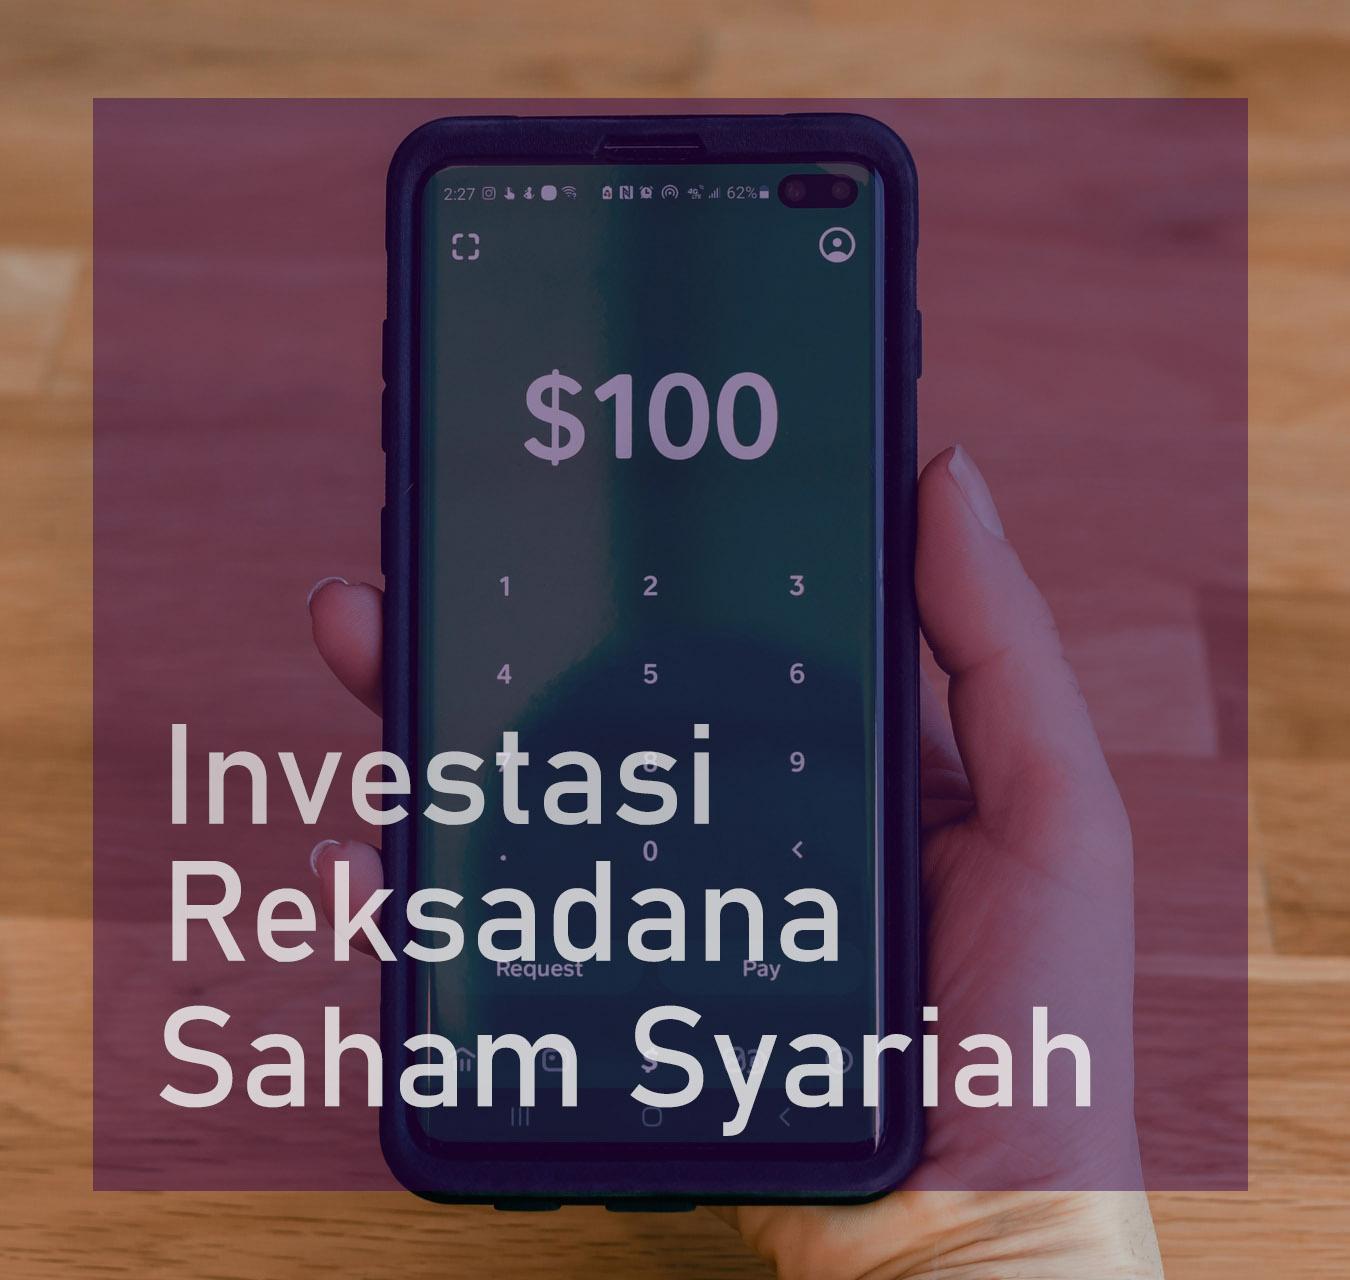 Cara Investasi Reksadana Saham Syariah